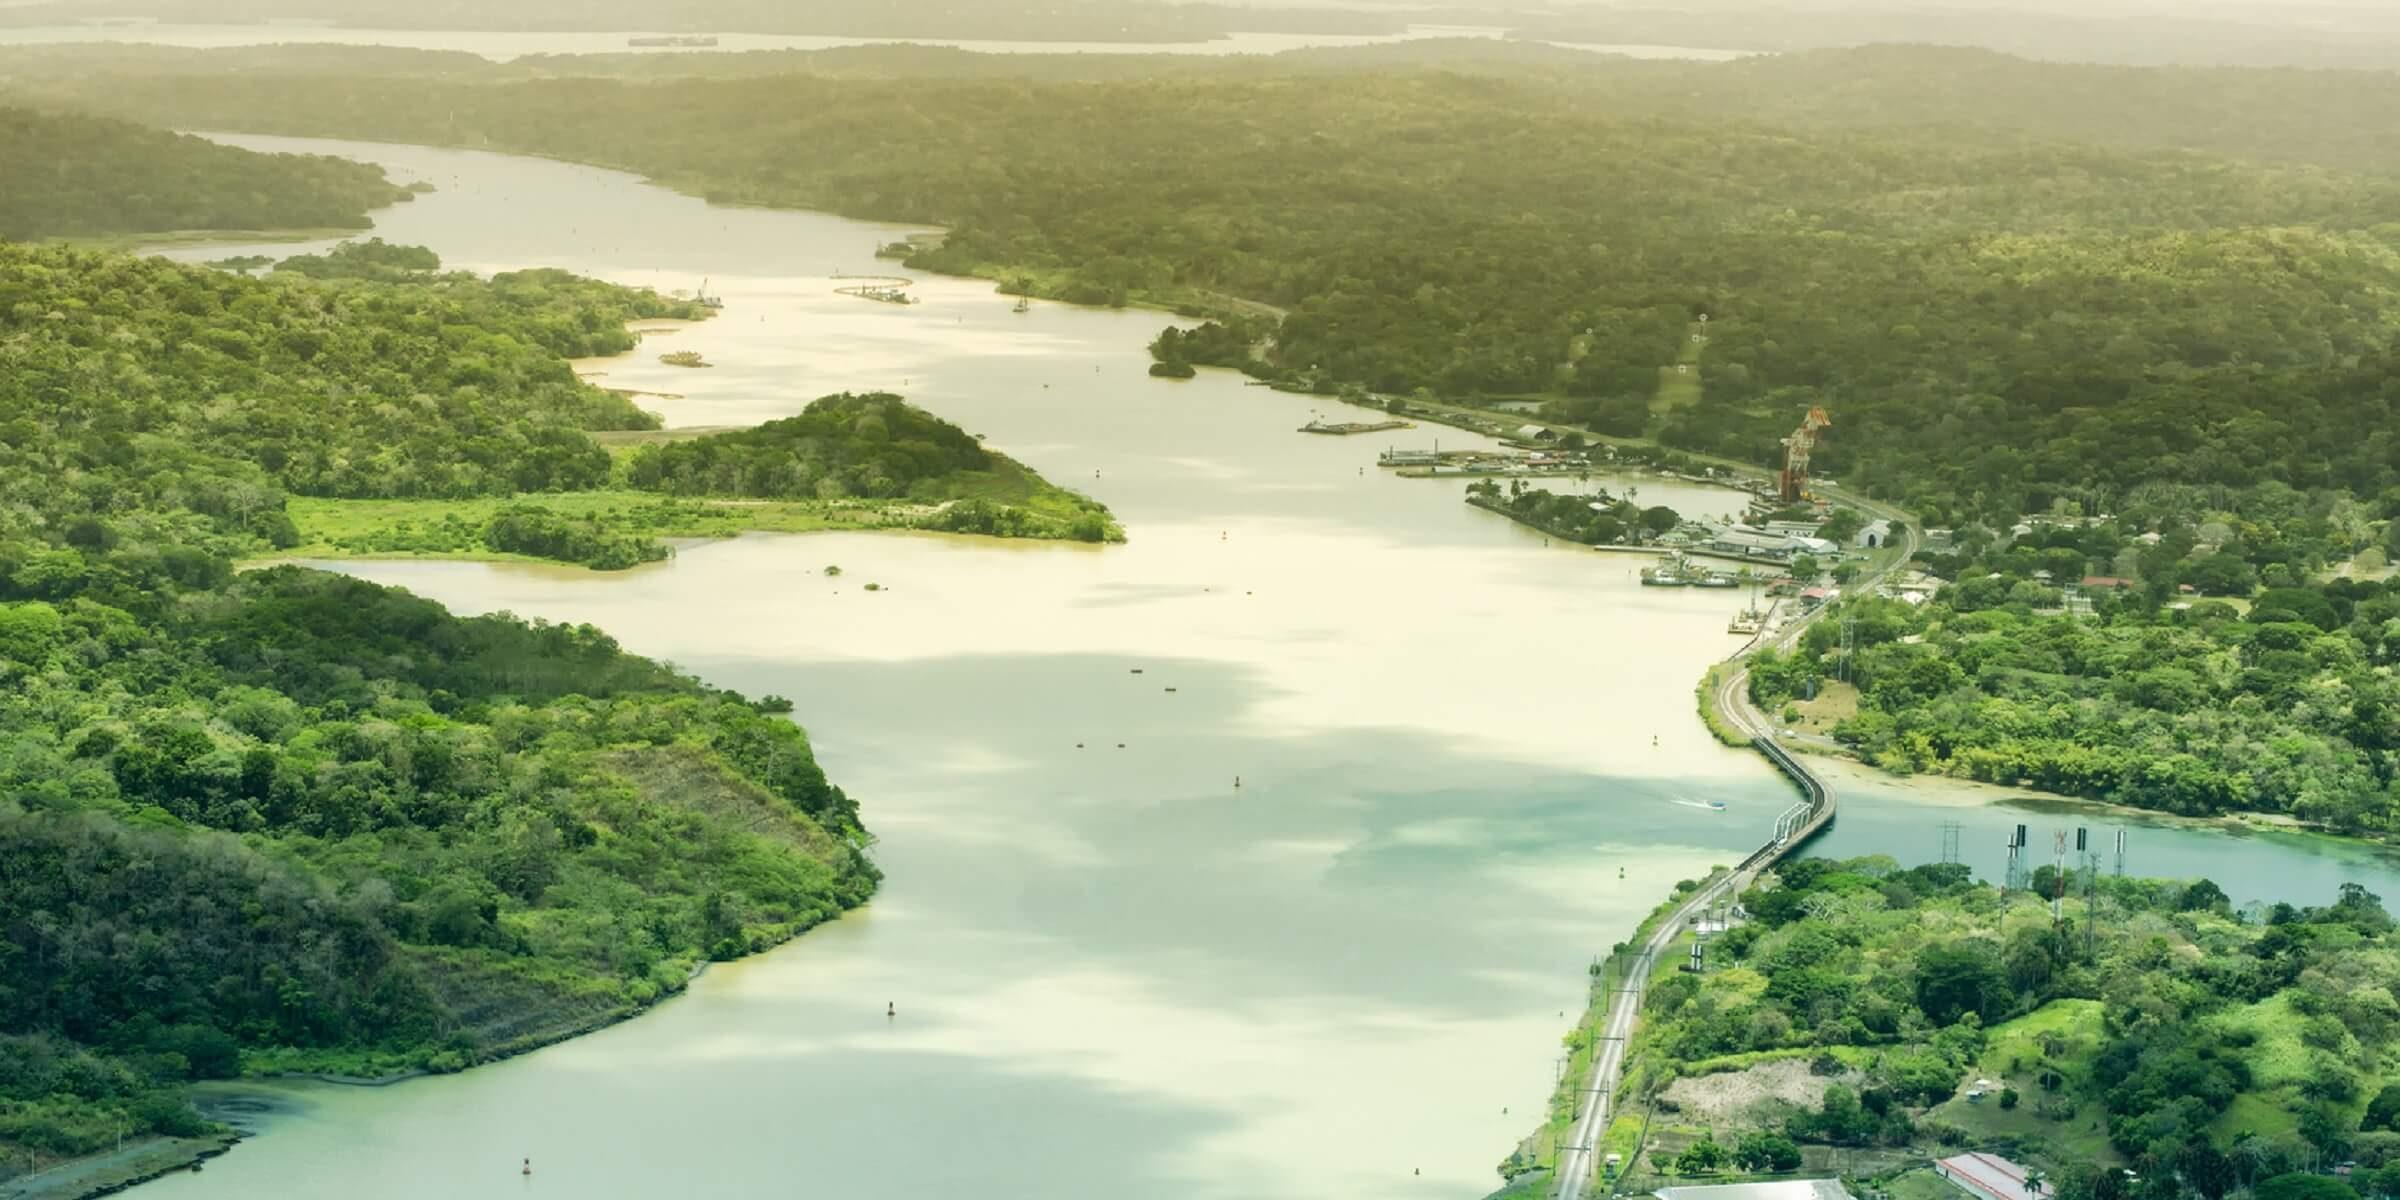 Die wunderschöne Landschaft in Panama